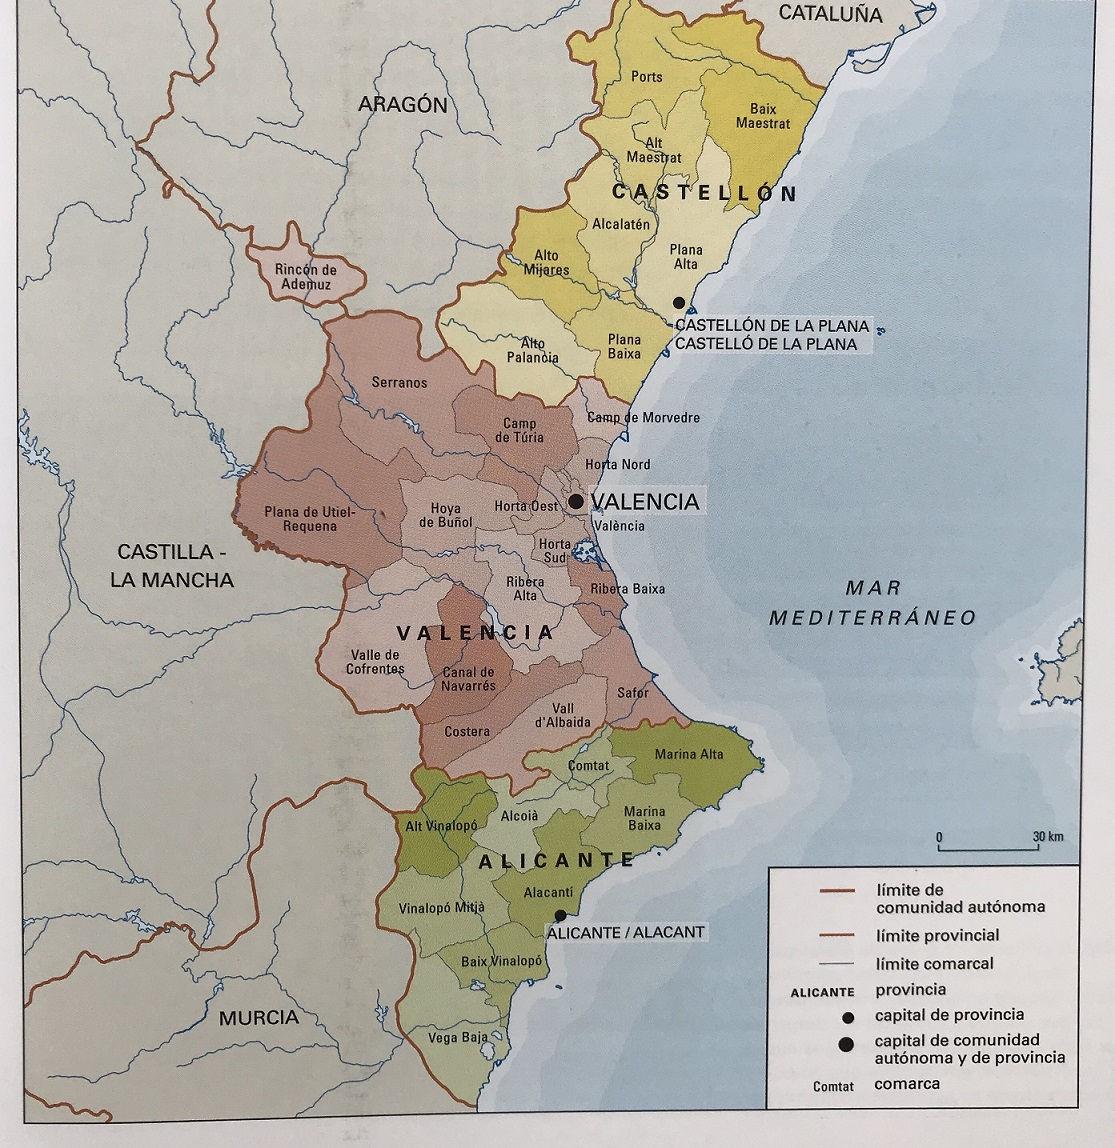 Mapa Fisico Comunitat Valenciana.Mapa Comunidad Valenciana Mapa Nom Es